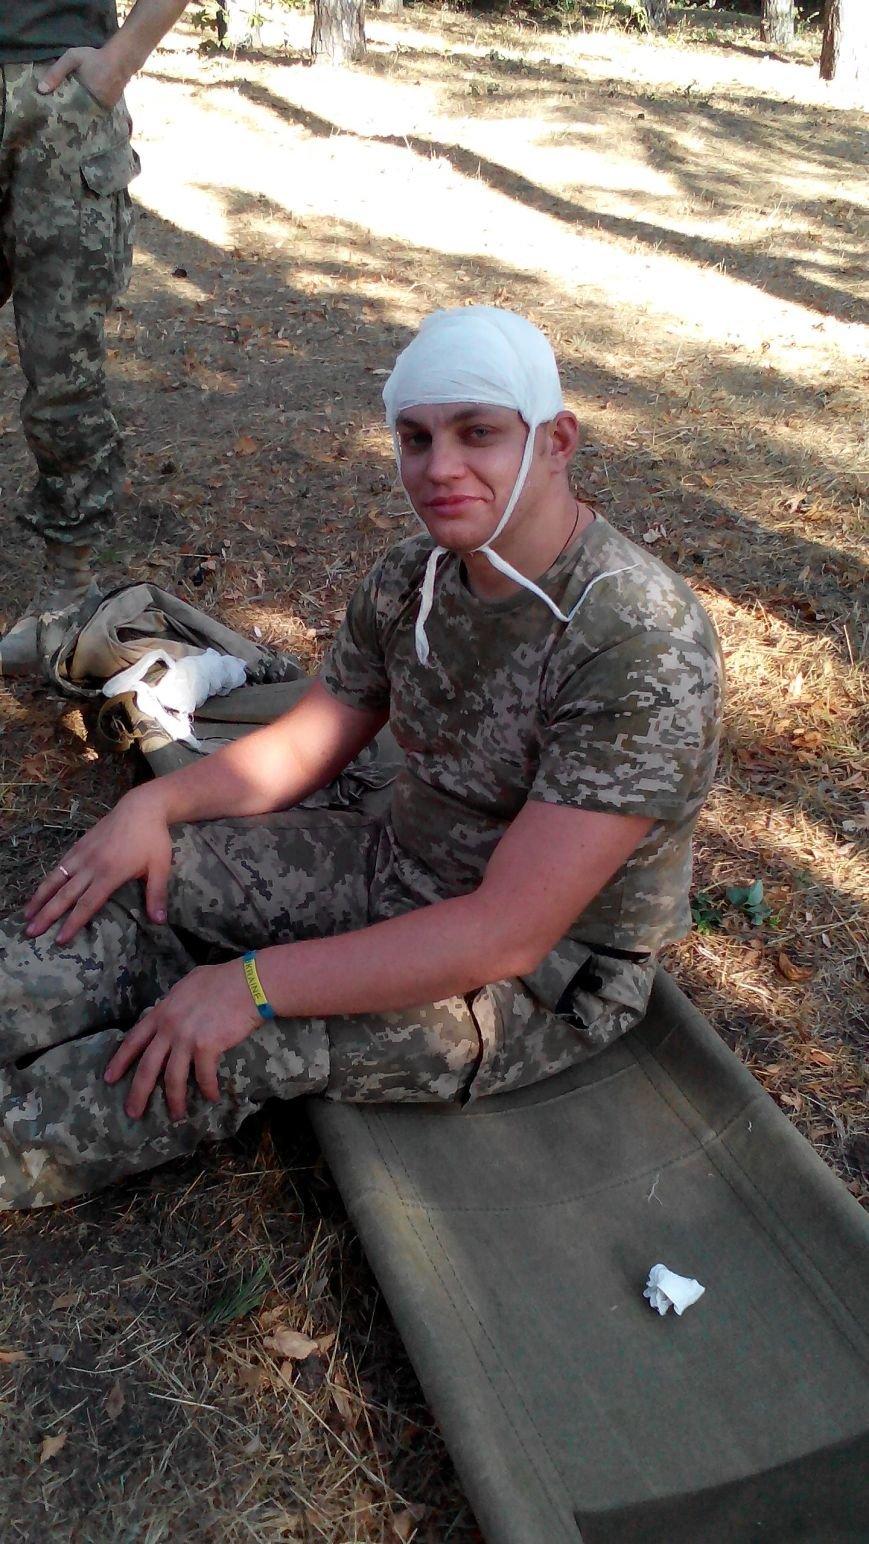 Патриоты Доброполья смогут оказать достойную медицинскую помощь на поле боя, фото-2